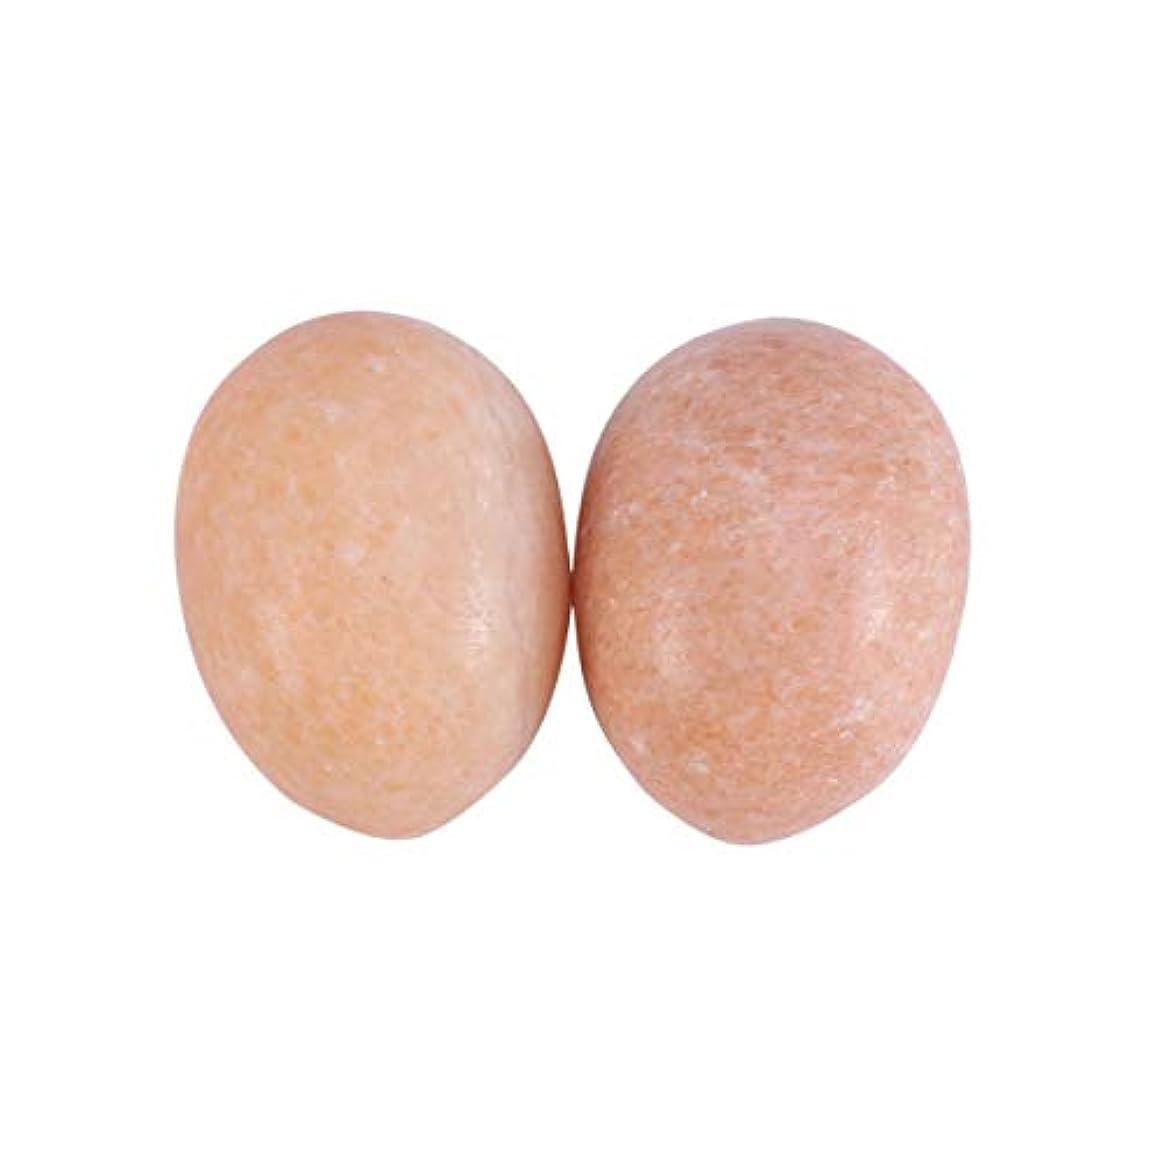 科学者十代音声学Healifty 6PCS玉ヨニ卵マッサージ癒しの石のケゲル運動骨盤底筋運動(日没赤)